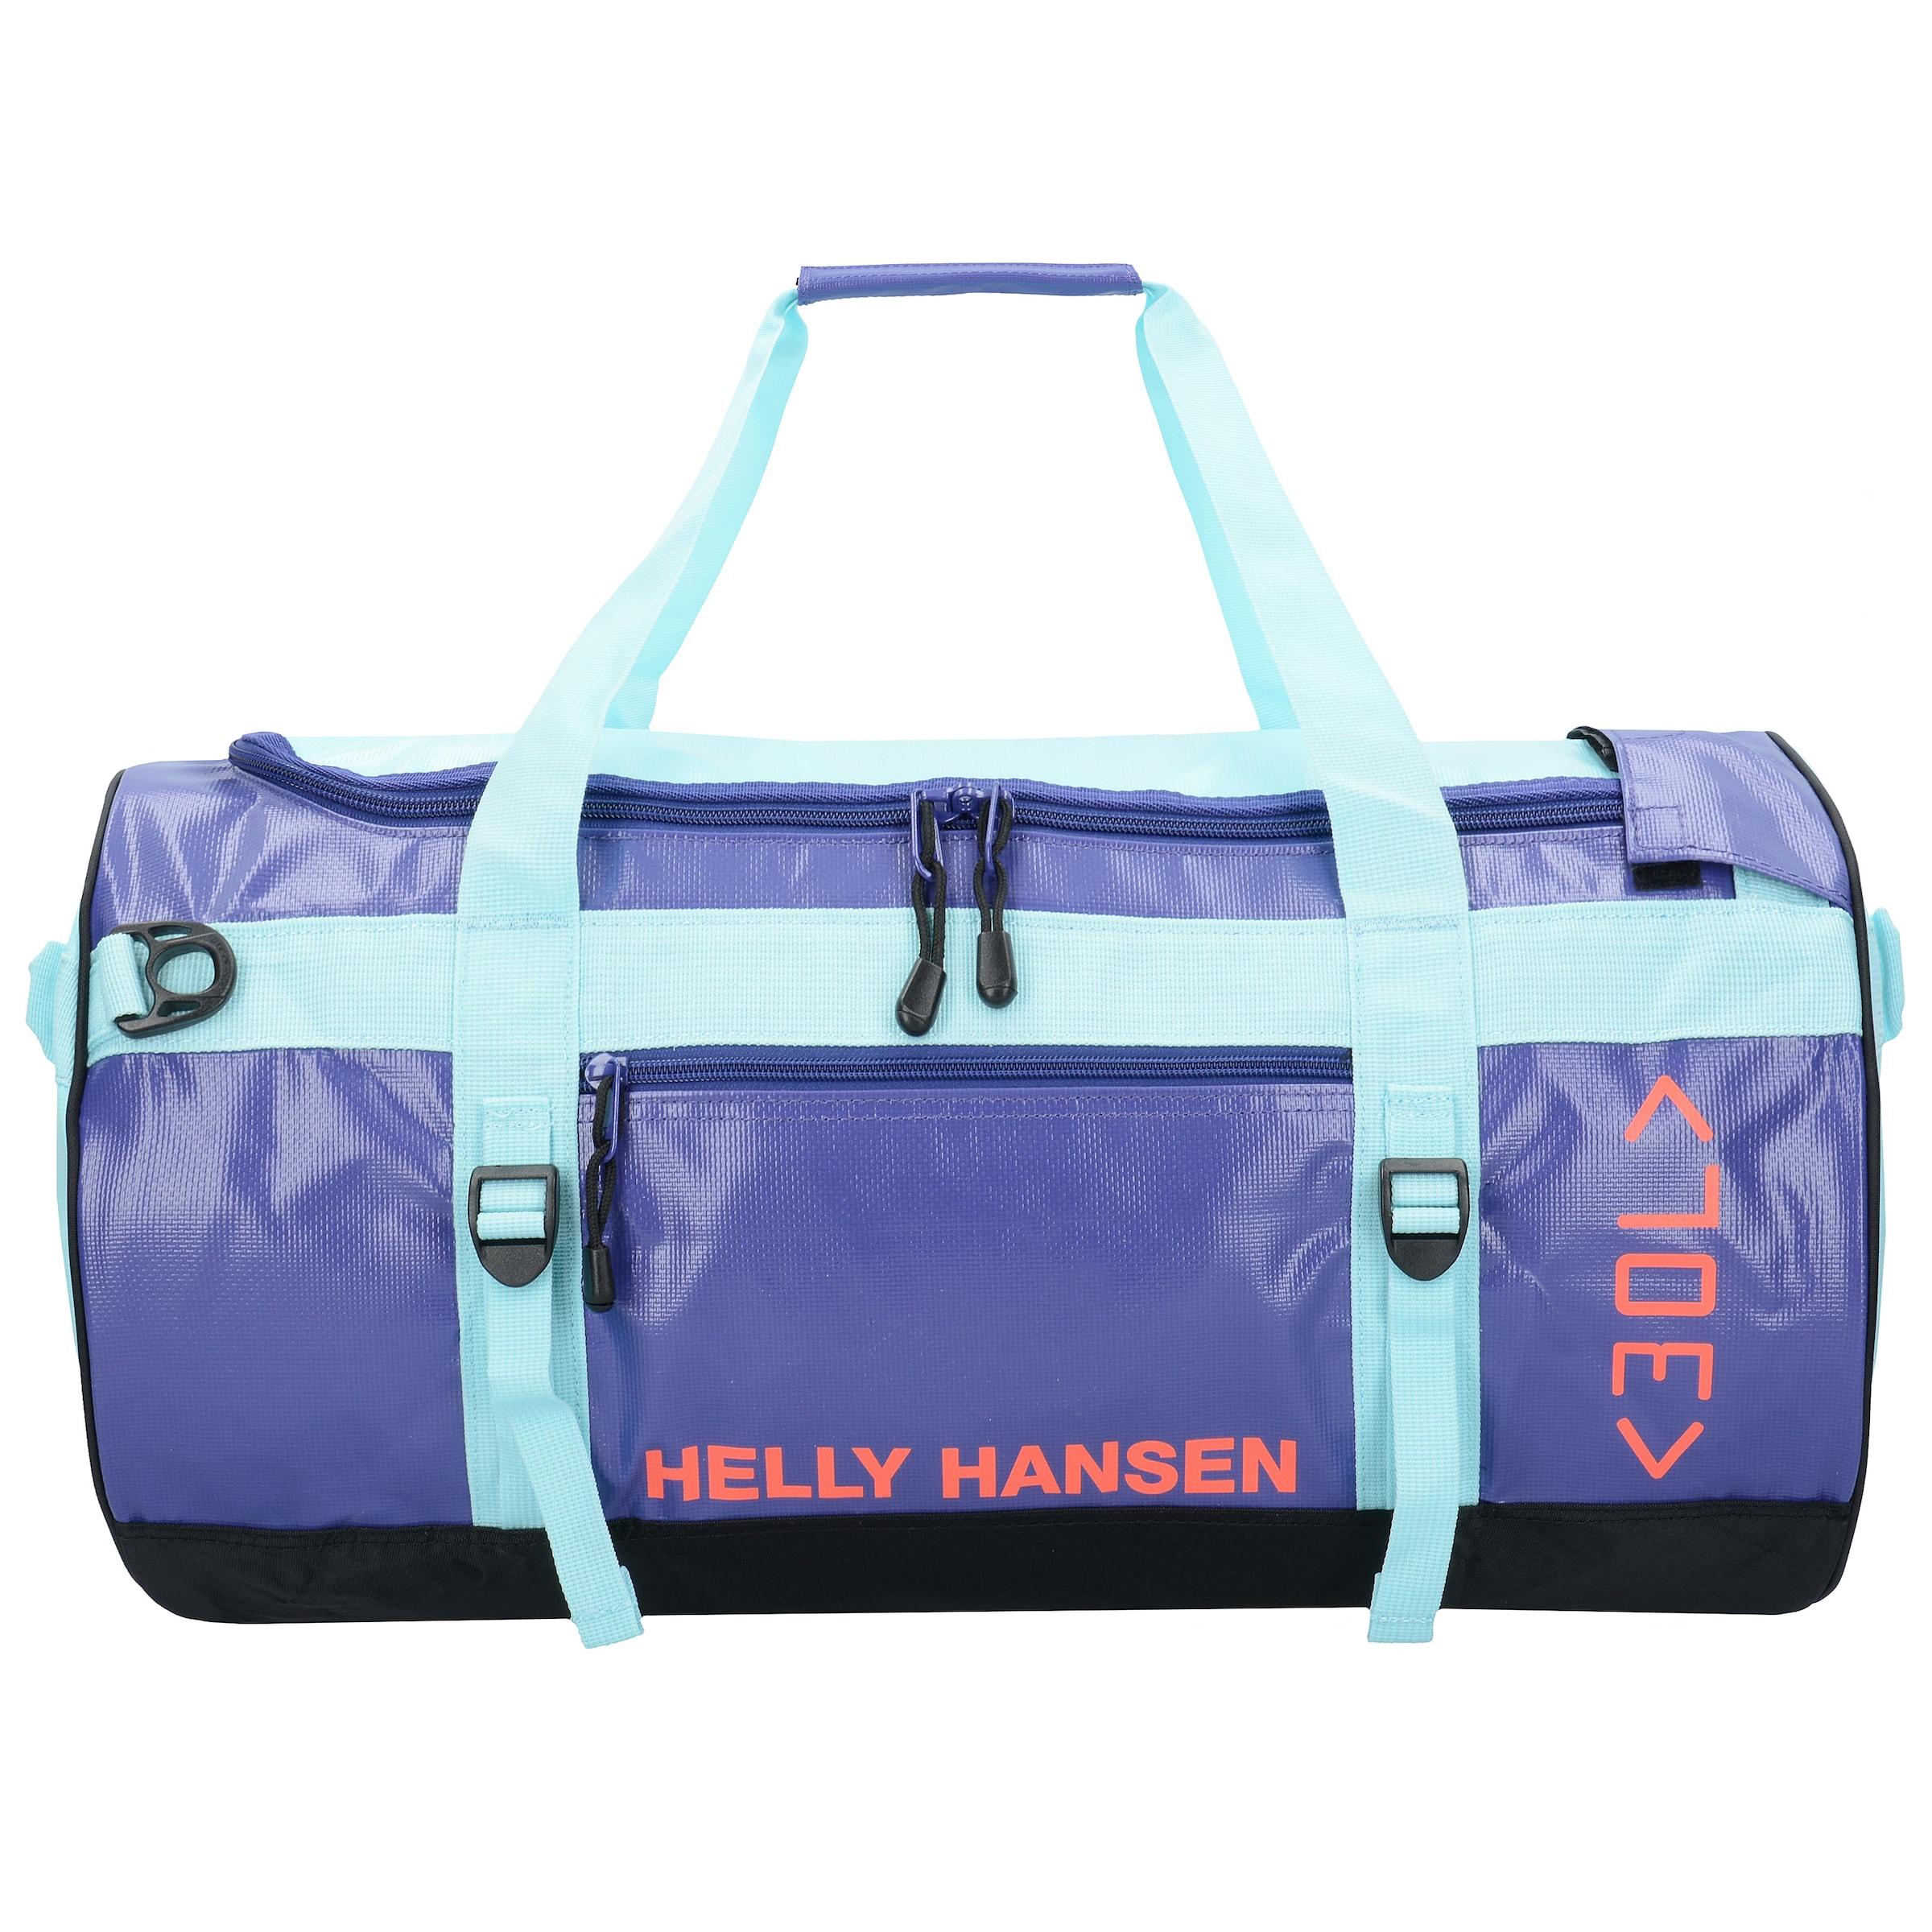 Freies Verschiffen Online-Shopping HELLY HANSEN Reisetasche (30 Liter) Offizieller Günstiger Preis Amazon Footaction Rabatt Billigsten 0dpDAjD